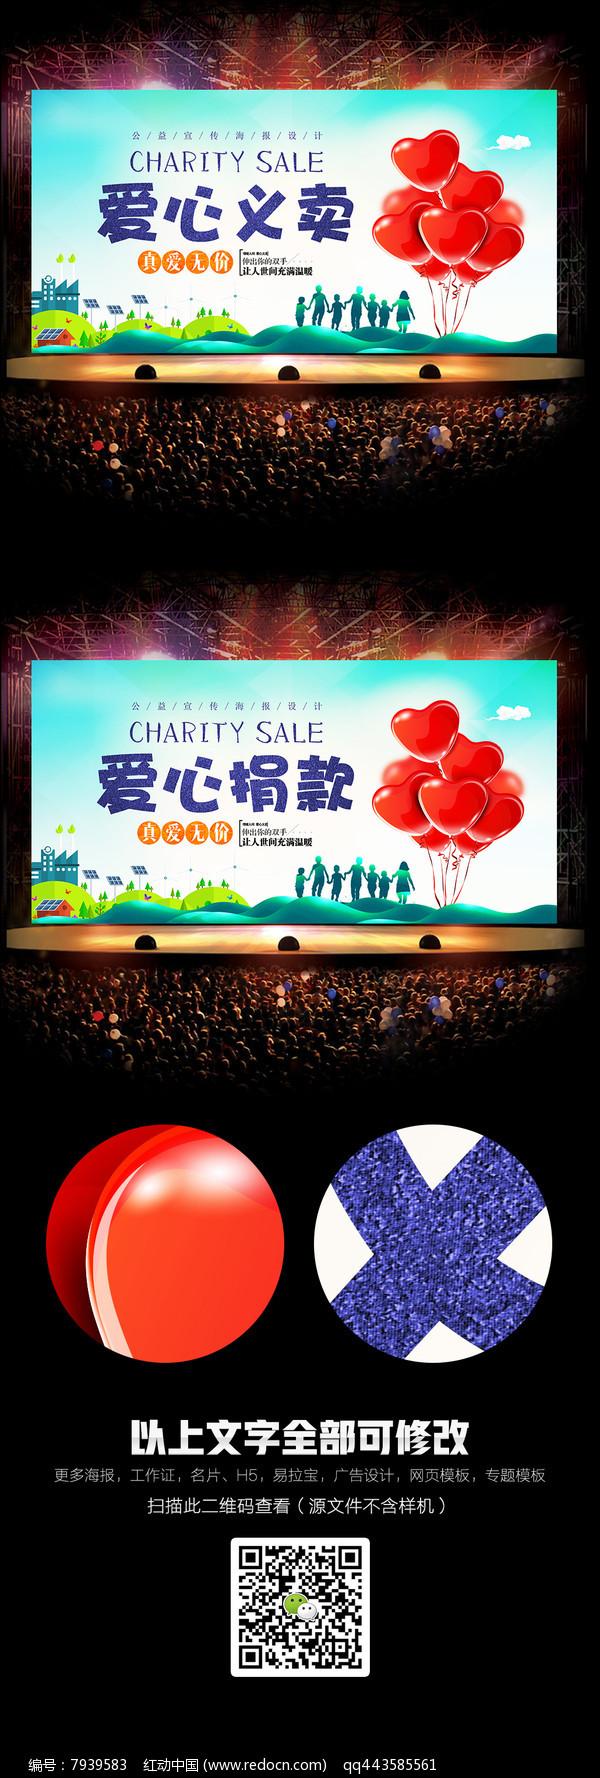 创意爱心义卖手绘海报psd素材下载_海报设计图片